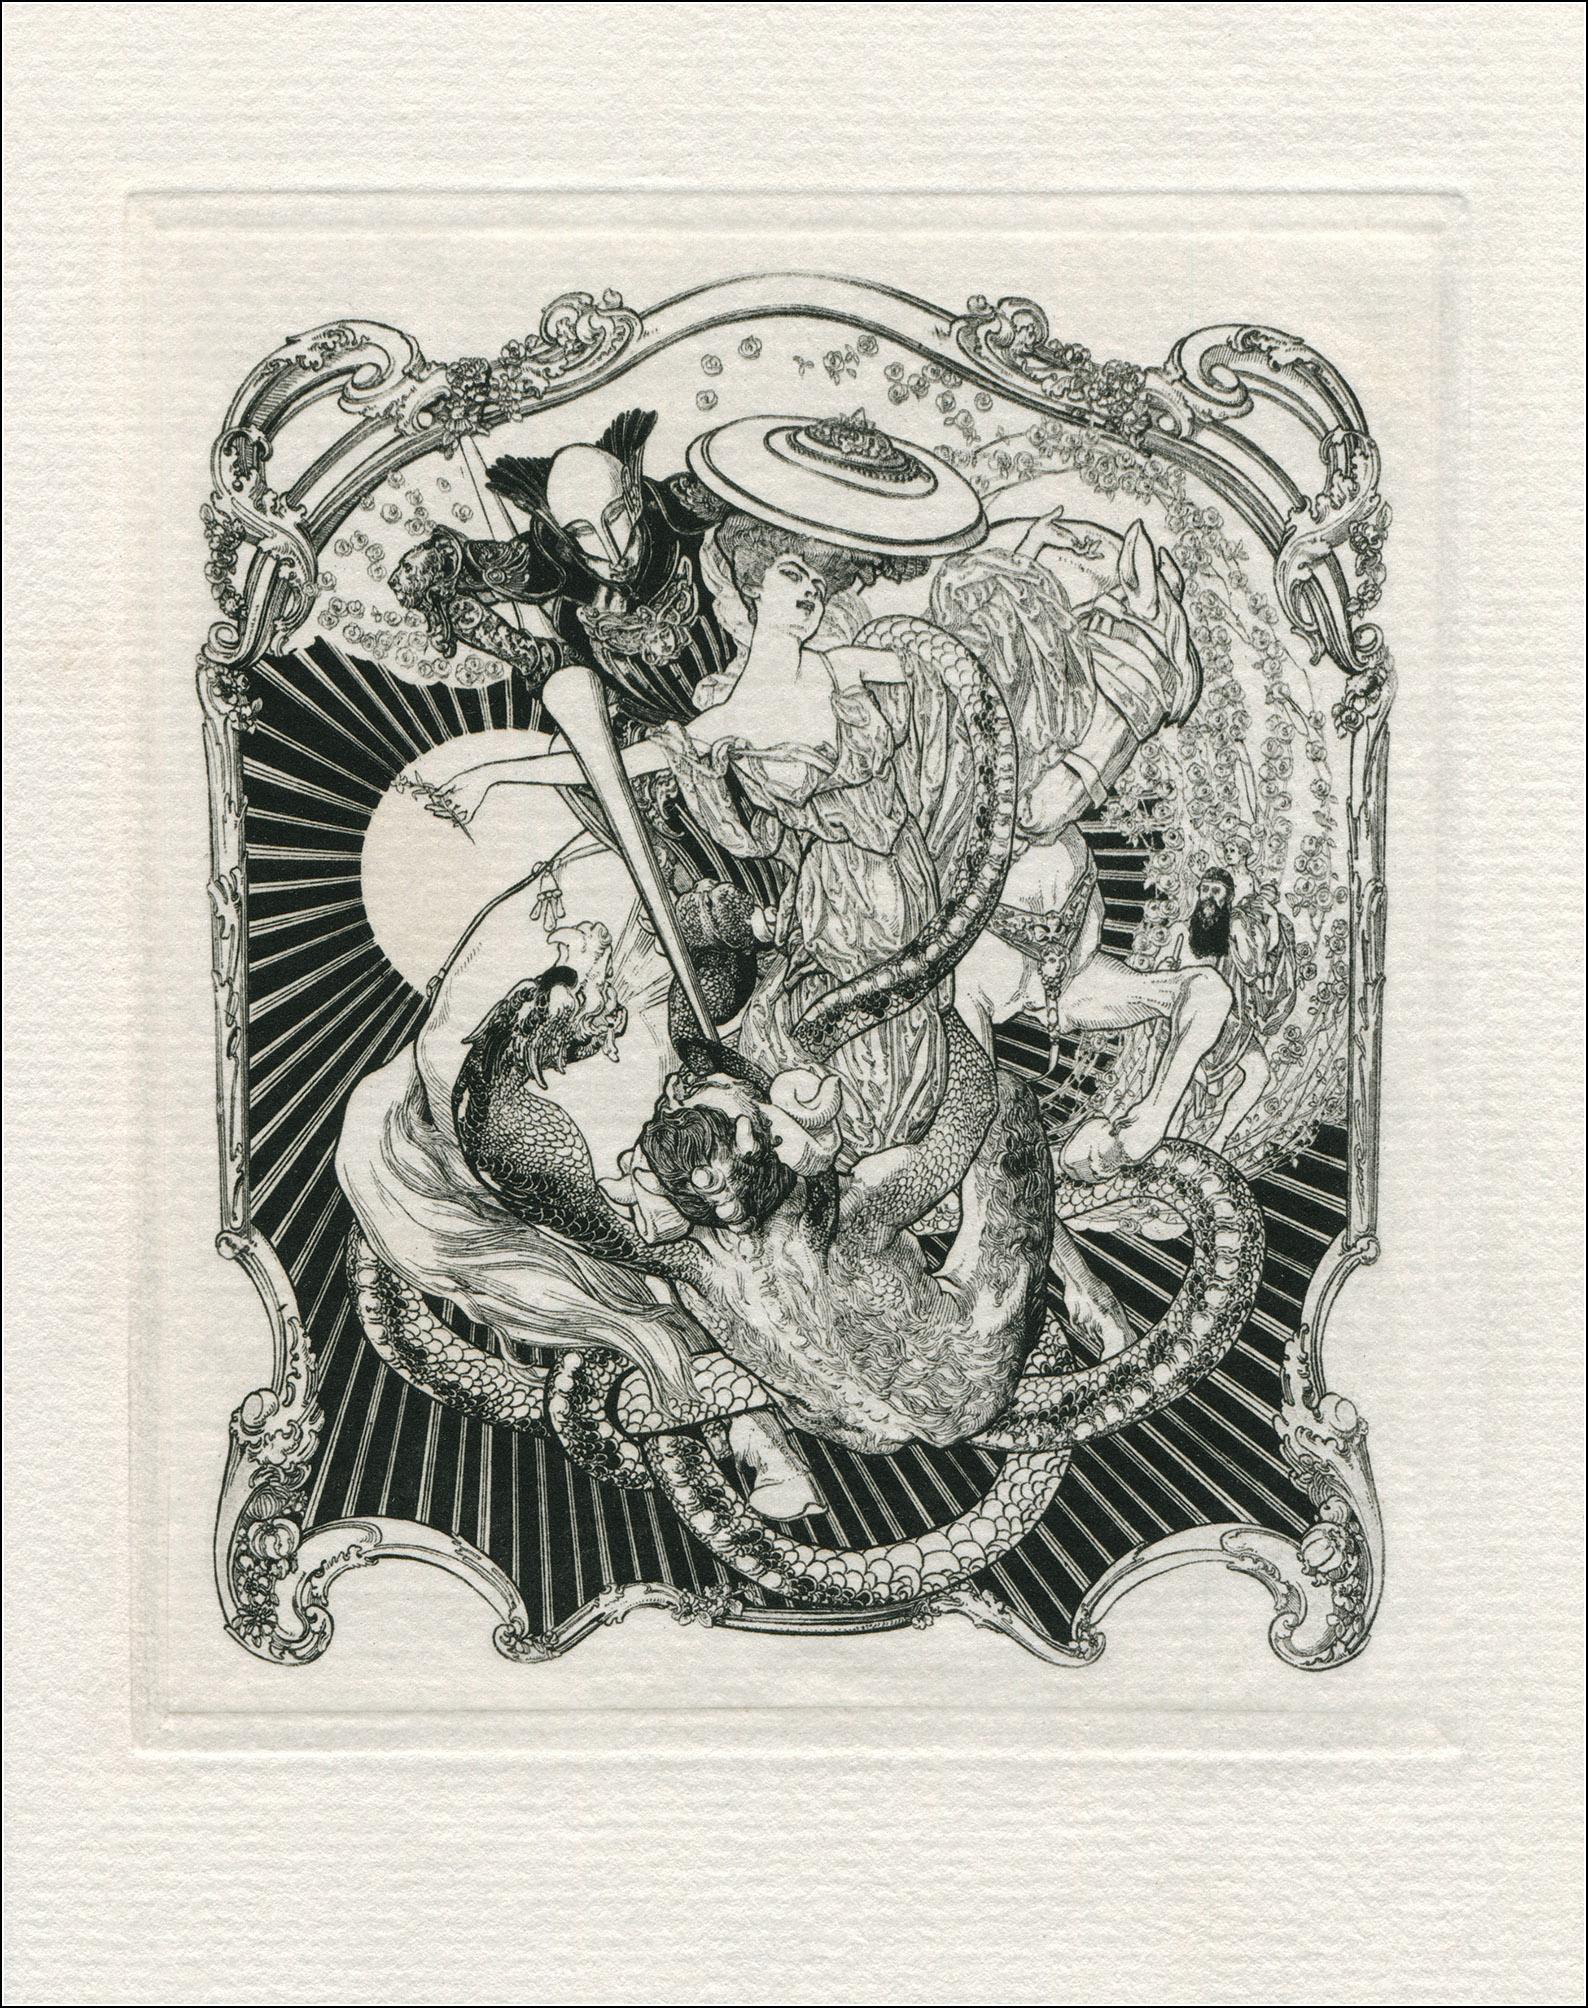 Franz von Bayros, Dulces Umbras